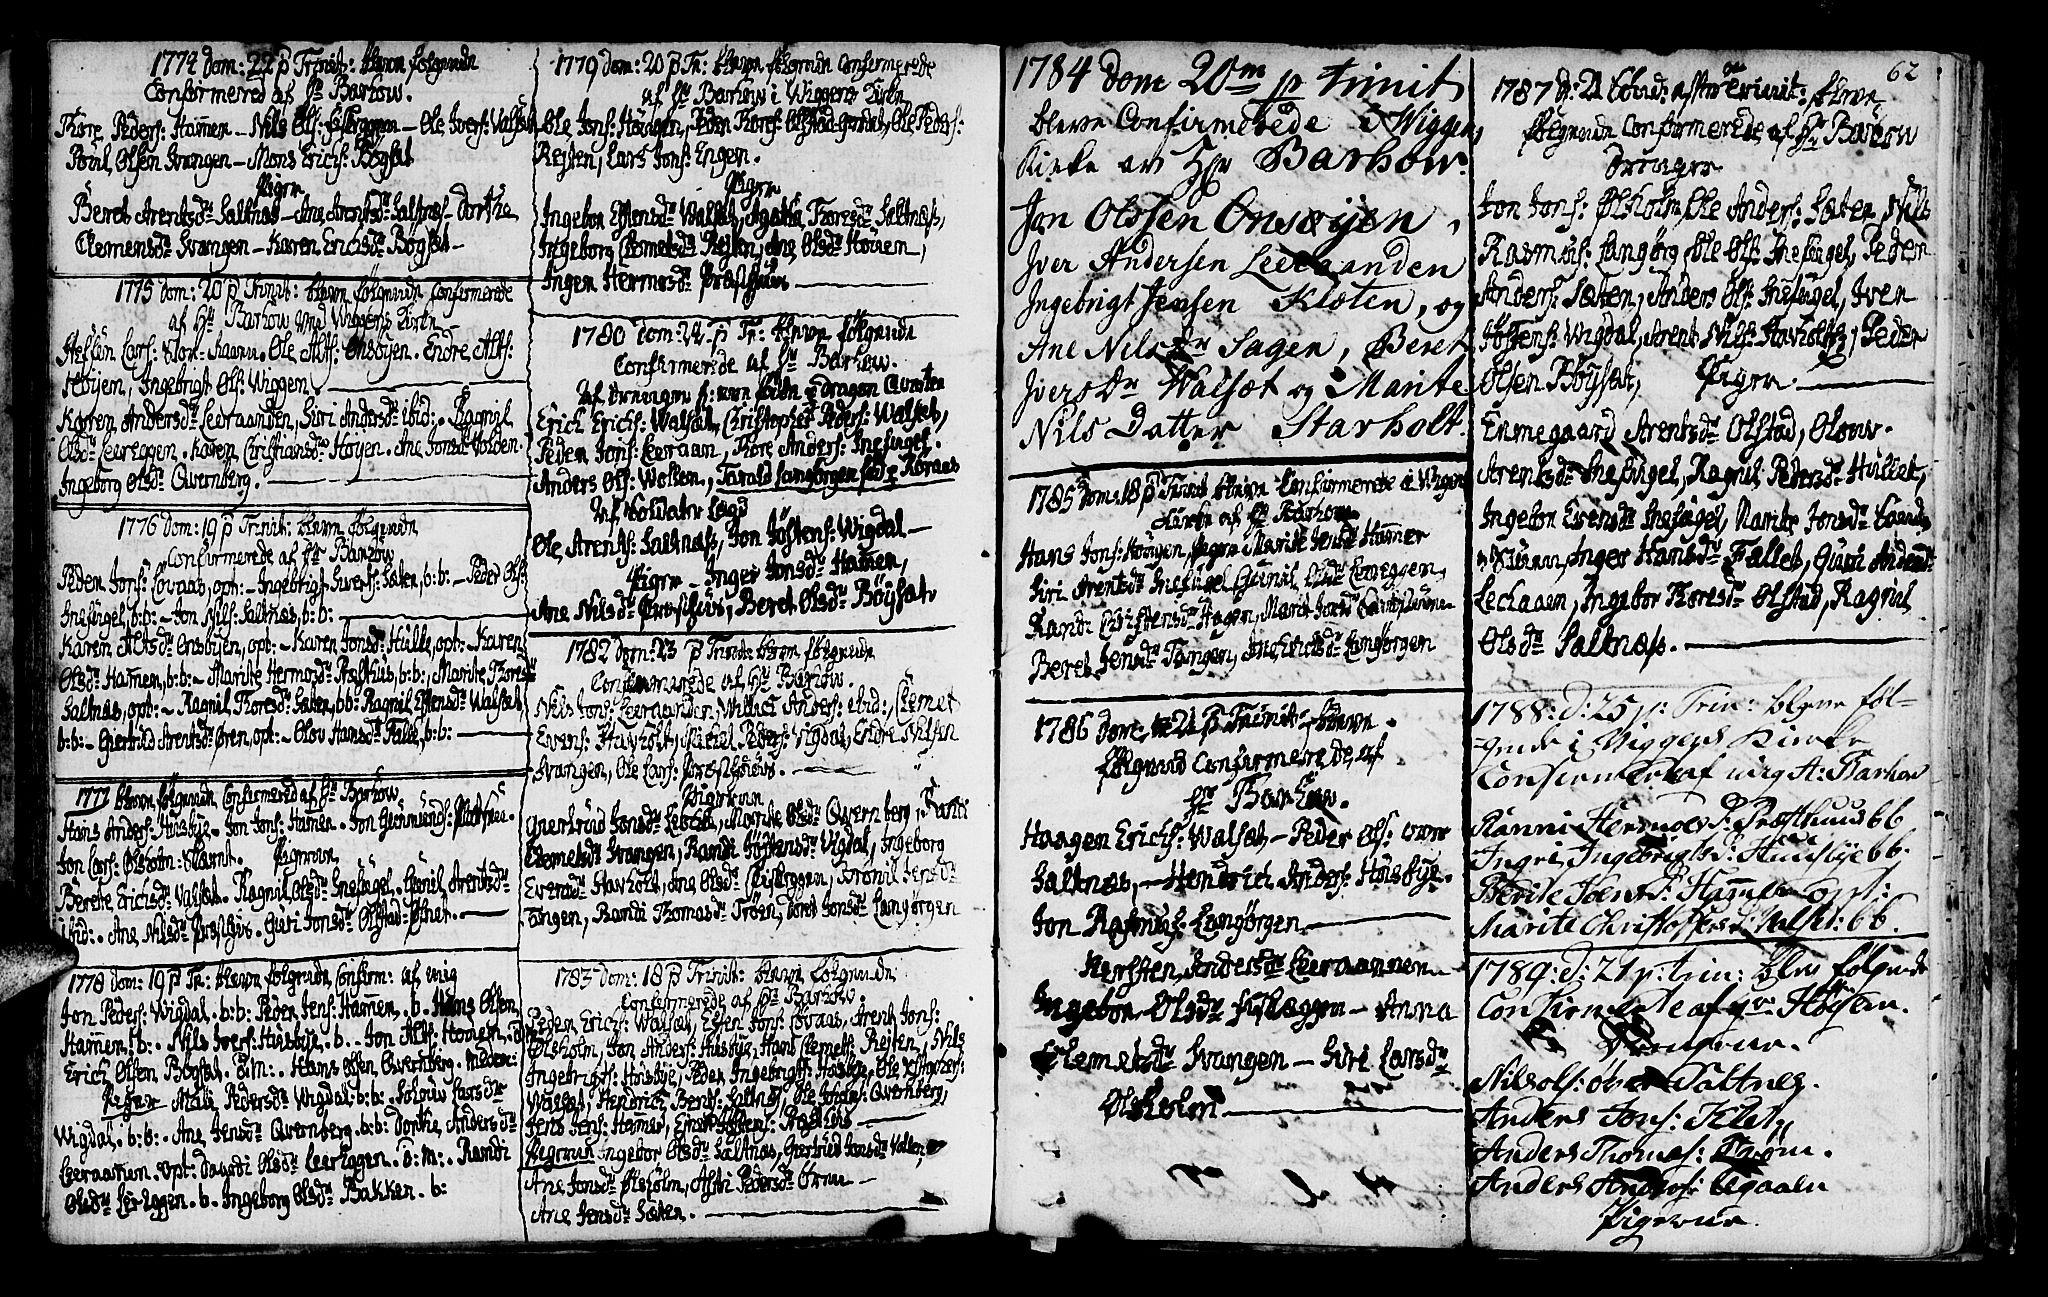 SAT, Ministerialprotokoller, klokkerbøker og fødselsregistre - Sør-Trøndelag, 666/L0784: Ministerialbok nr. 666A02, 1754-1802, s. 62